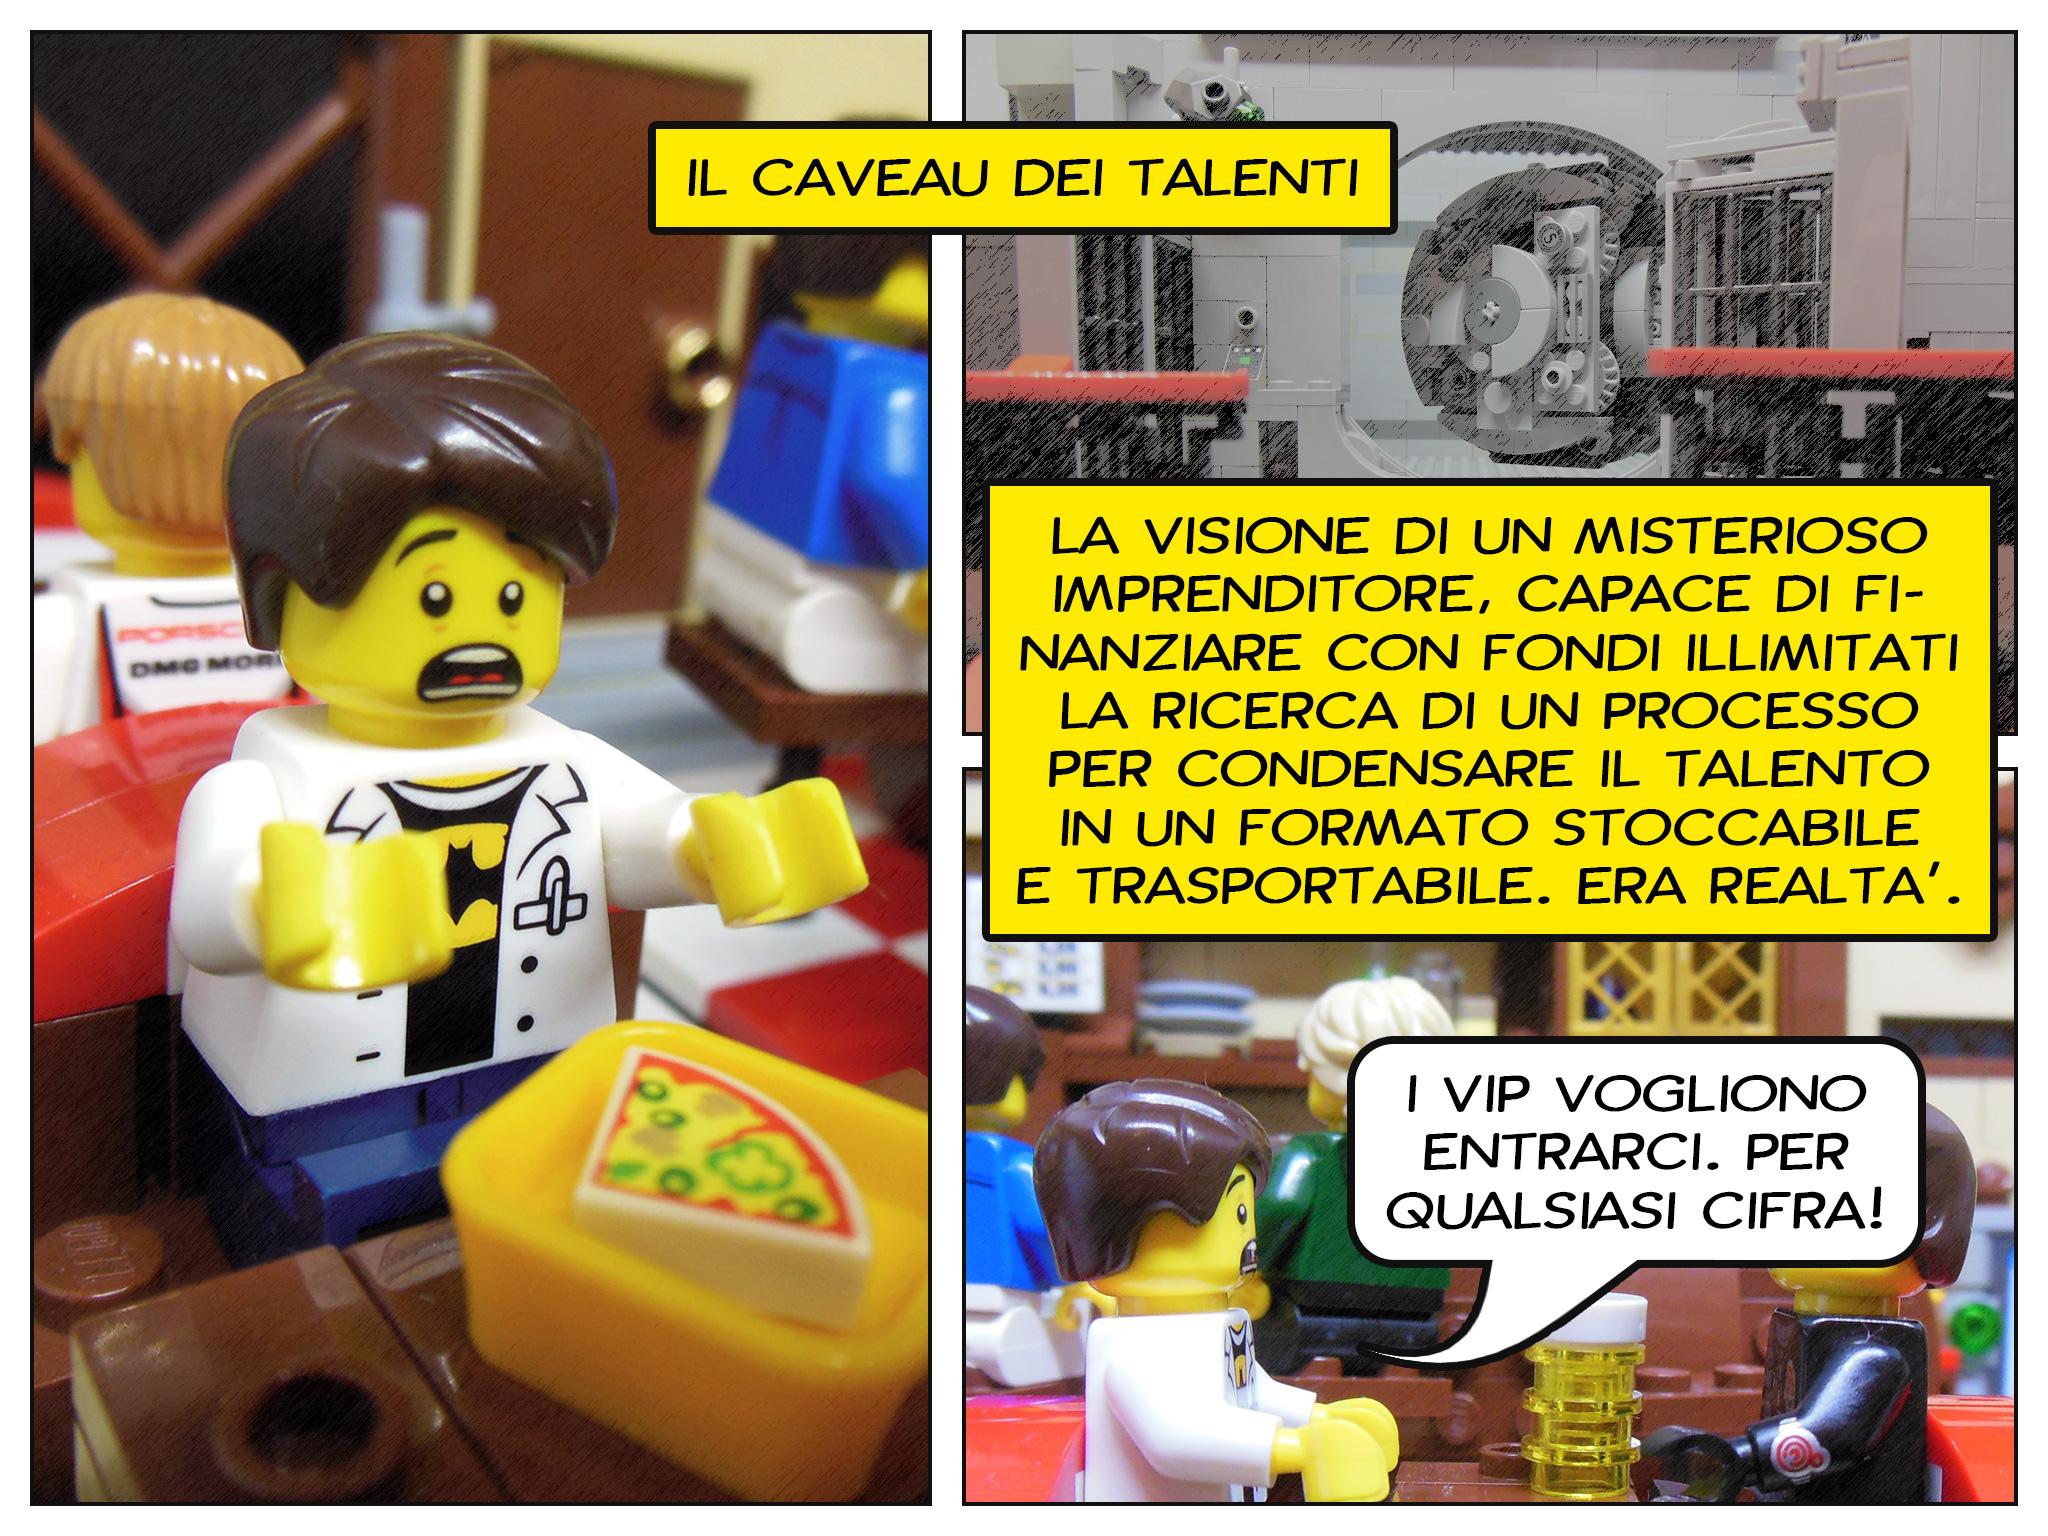 Faccio quello che voglio, il prequel a Lego fumetti - il caveau dei talenti